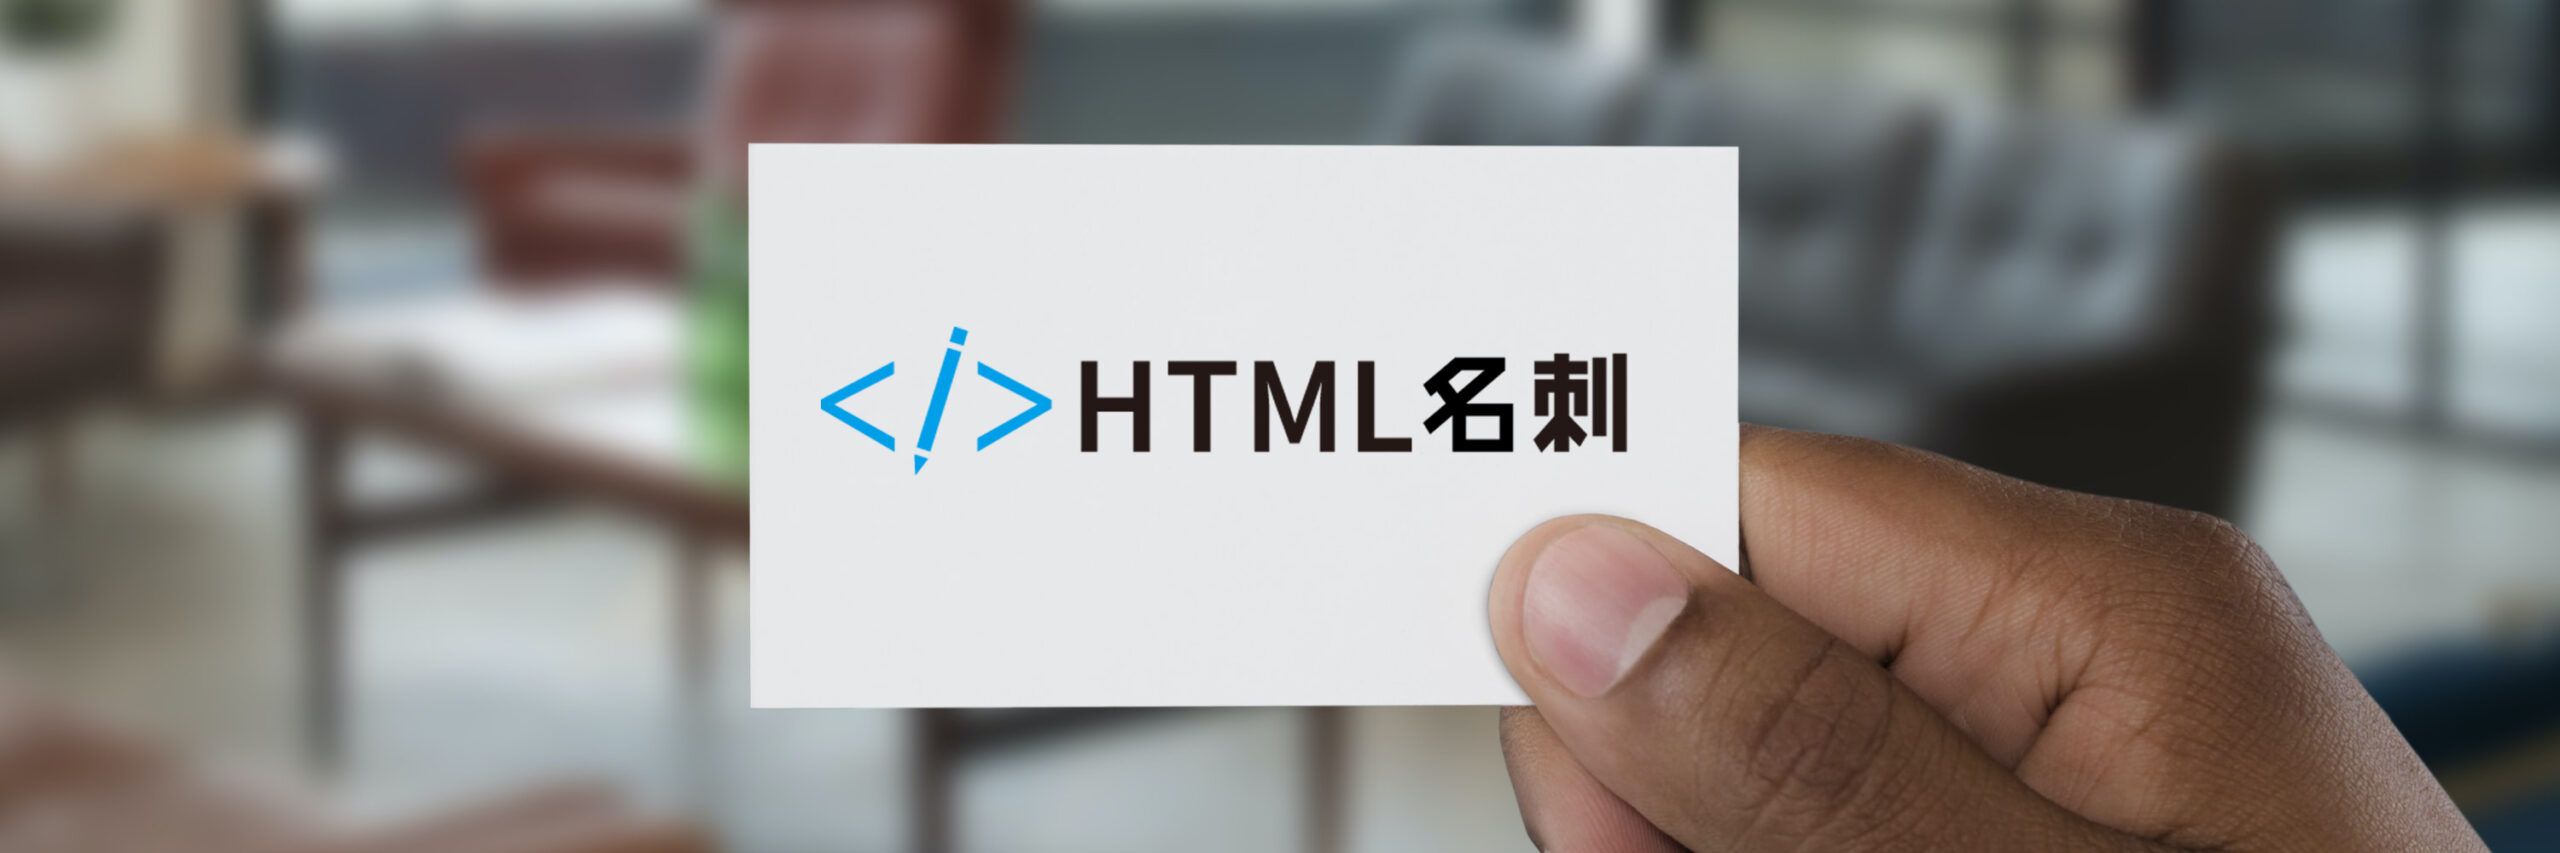 HTML名刺ビジネスマン